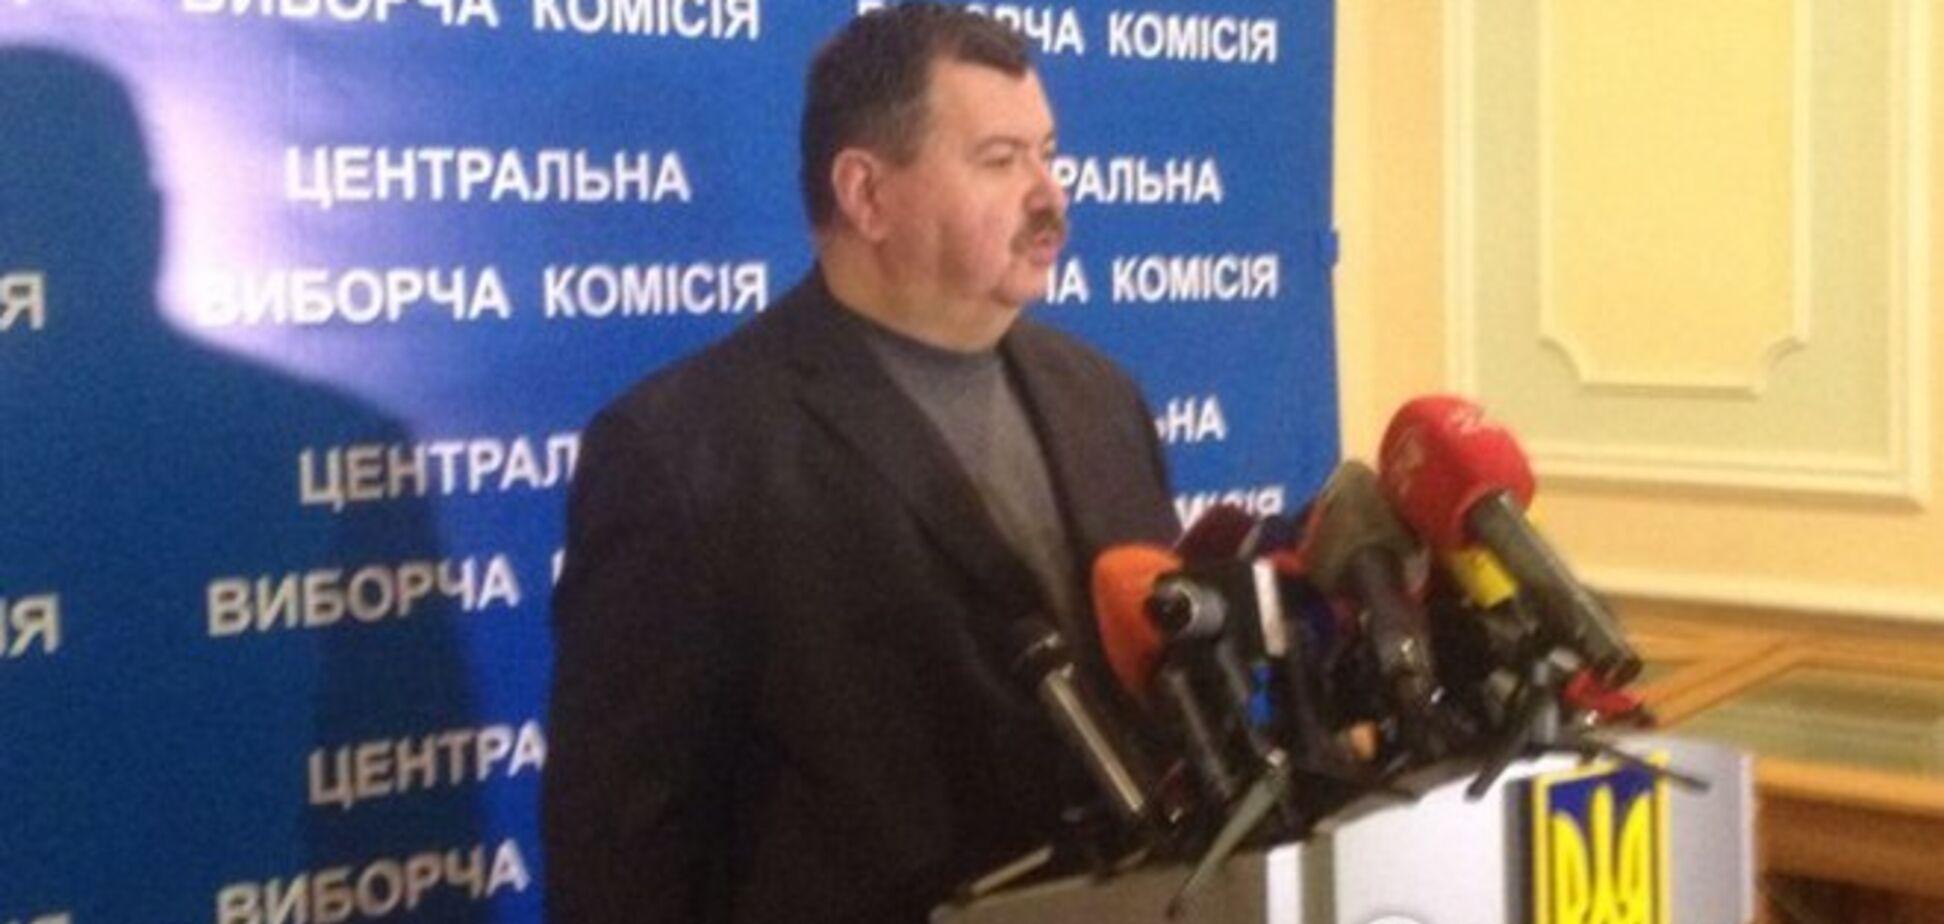 ЦИК пообещала сверить 'свободовский' подсчет результатов выборов и официальные данные